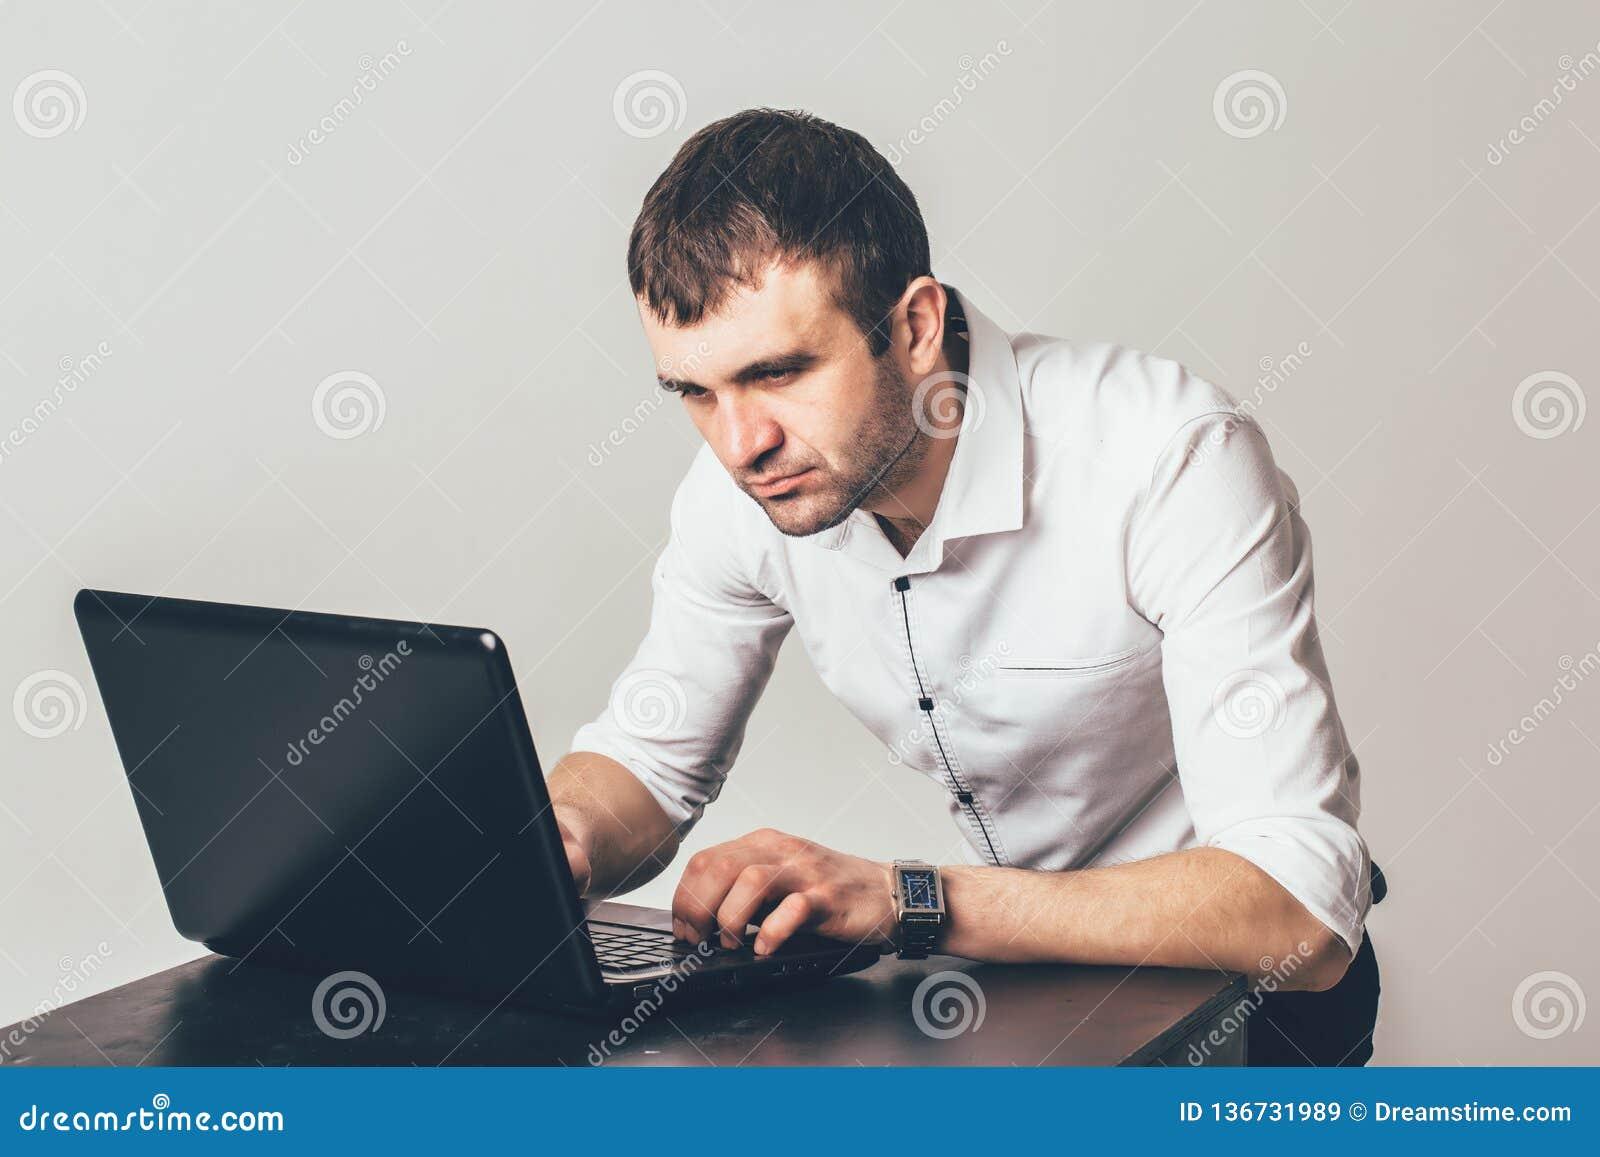 Ruchliwie mężczyzna pracuje na laptopie w biurze Biznesmen skupia się na rozwiązaniu zadania